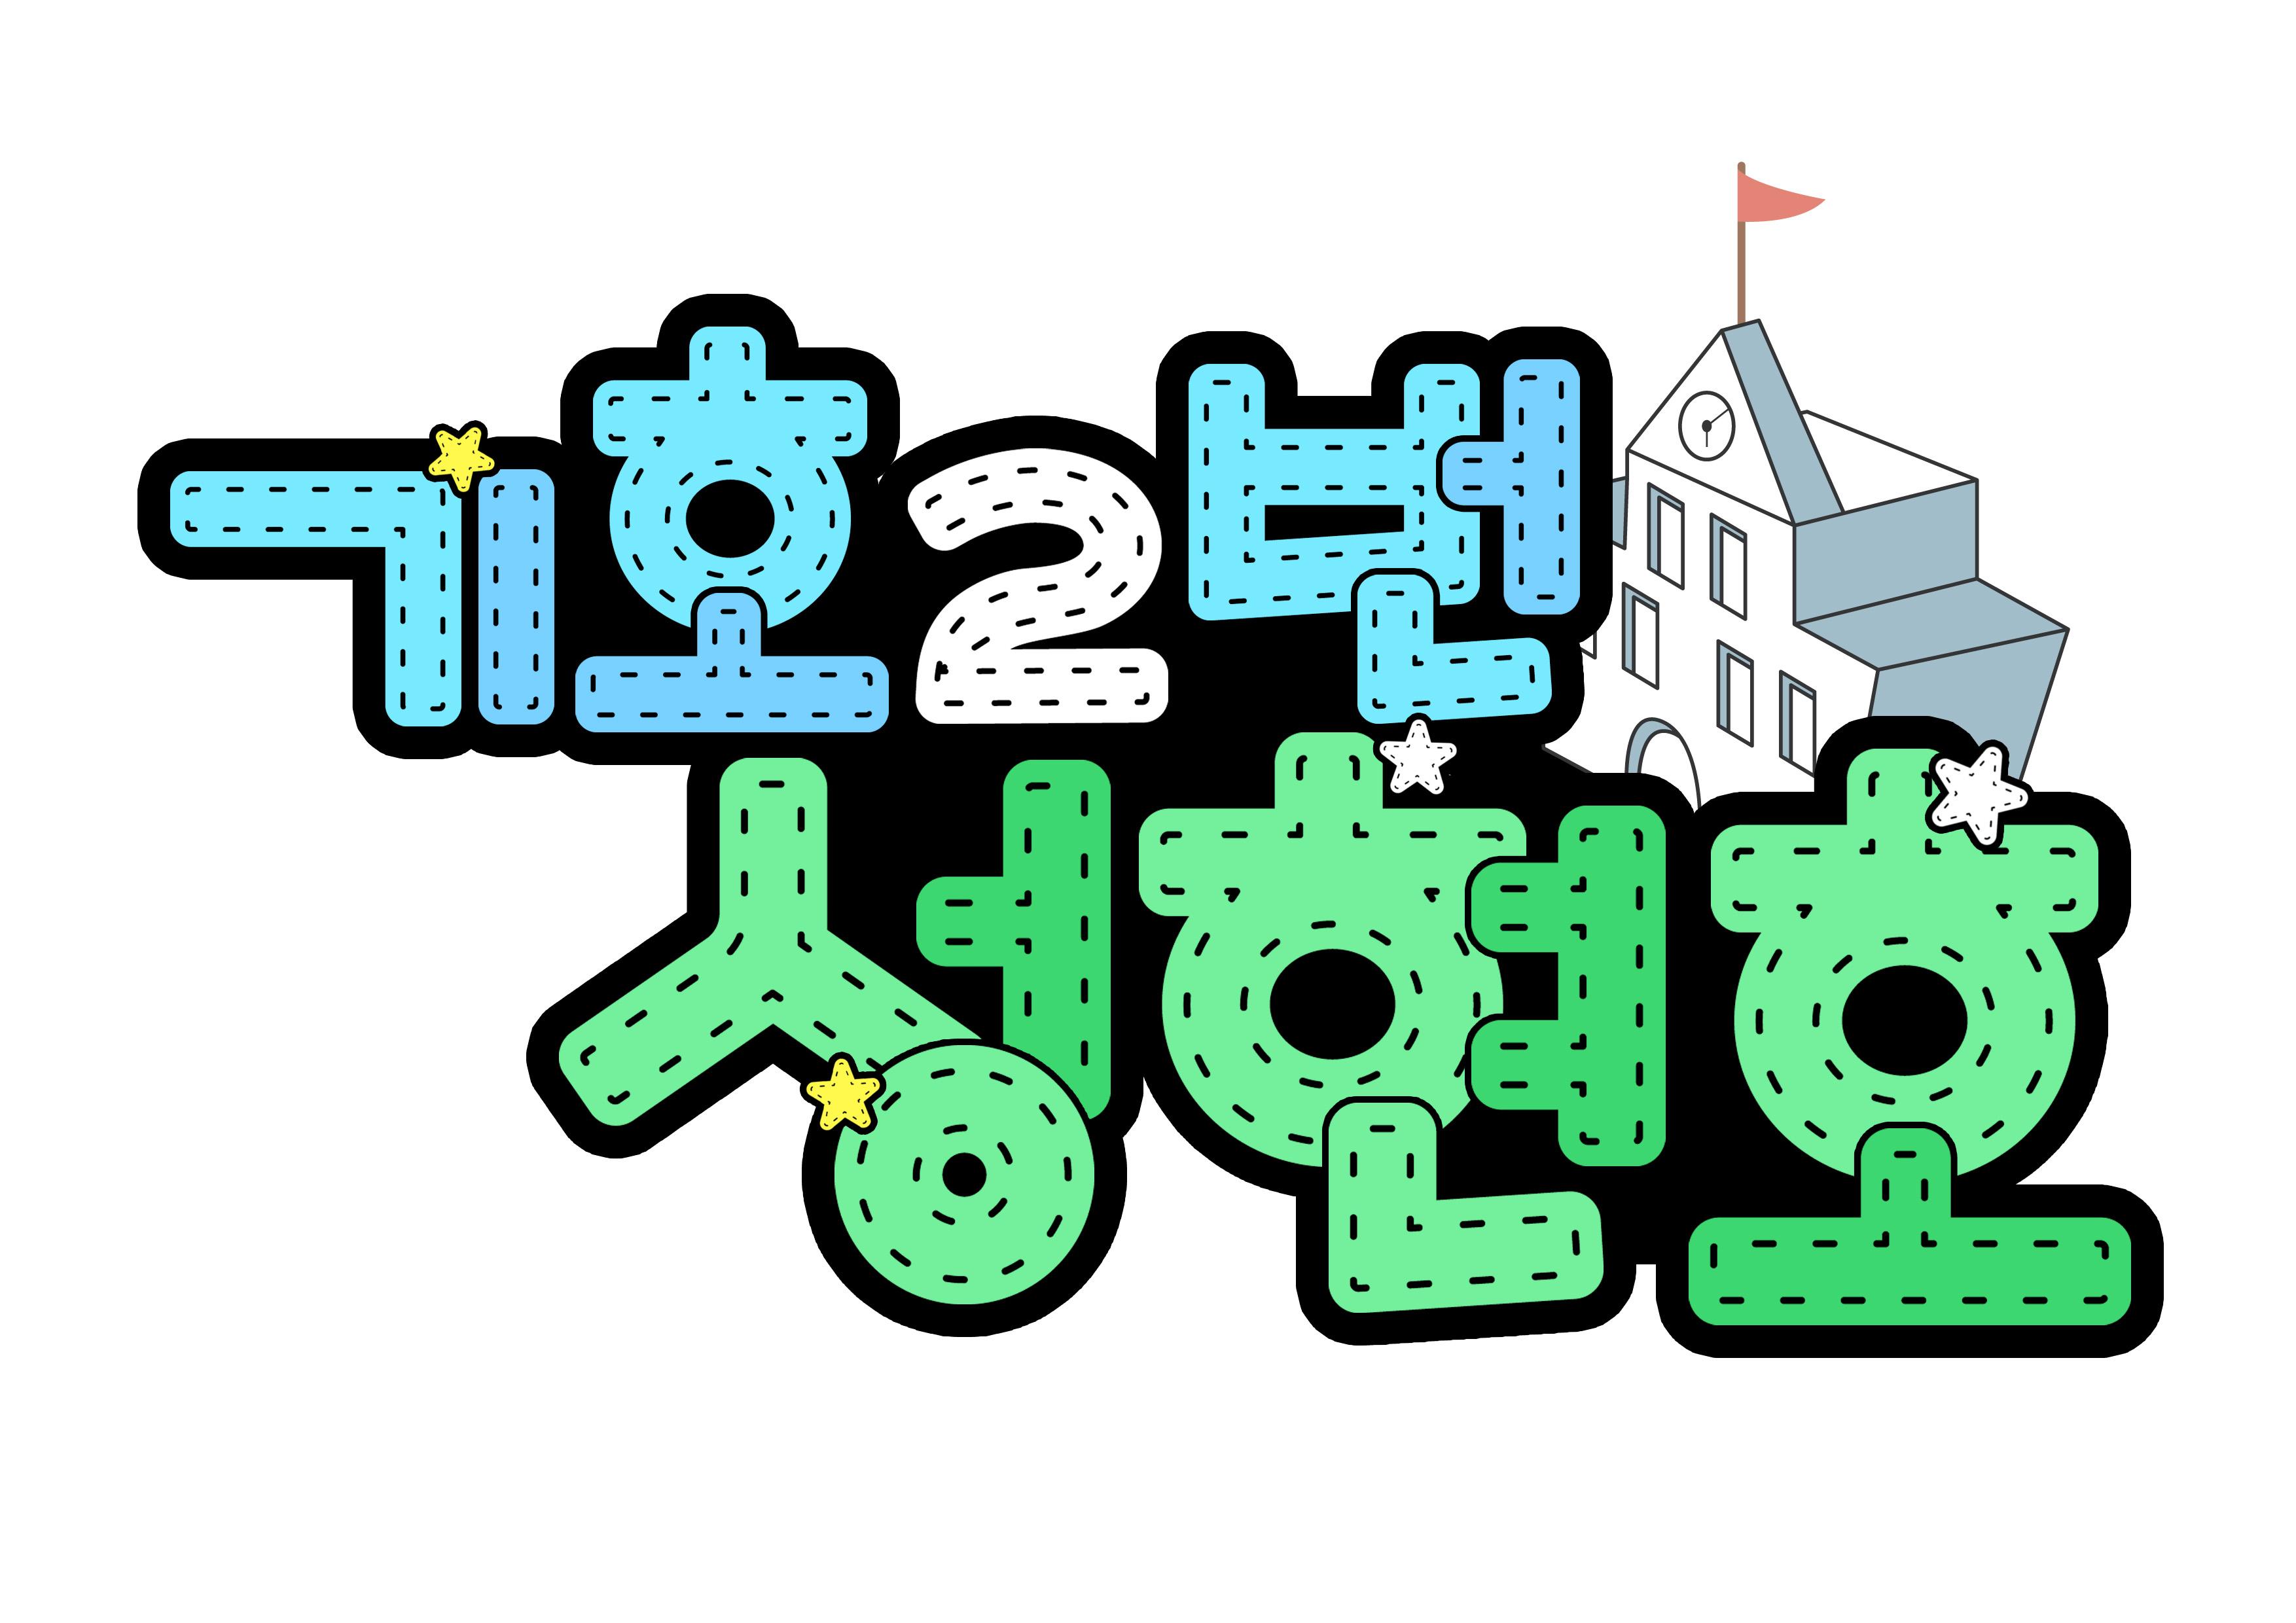 기호2번 성현호(선거, 반장, 회장)